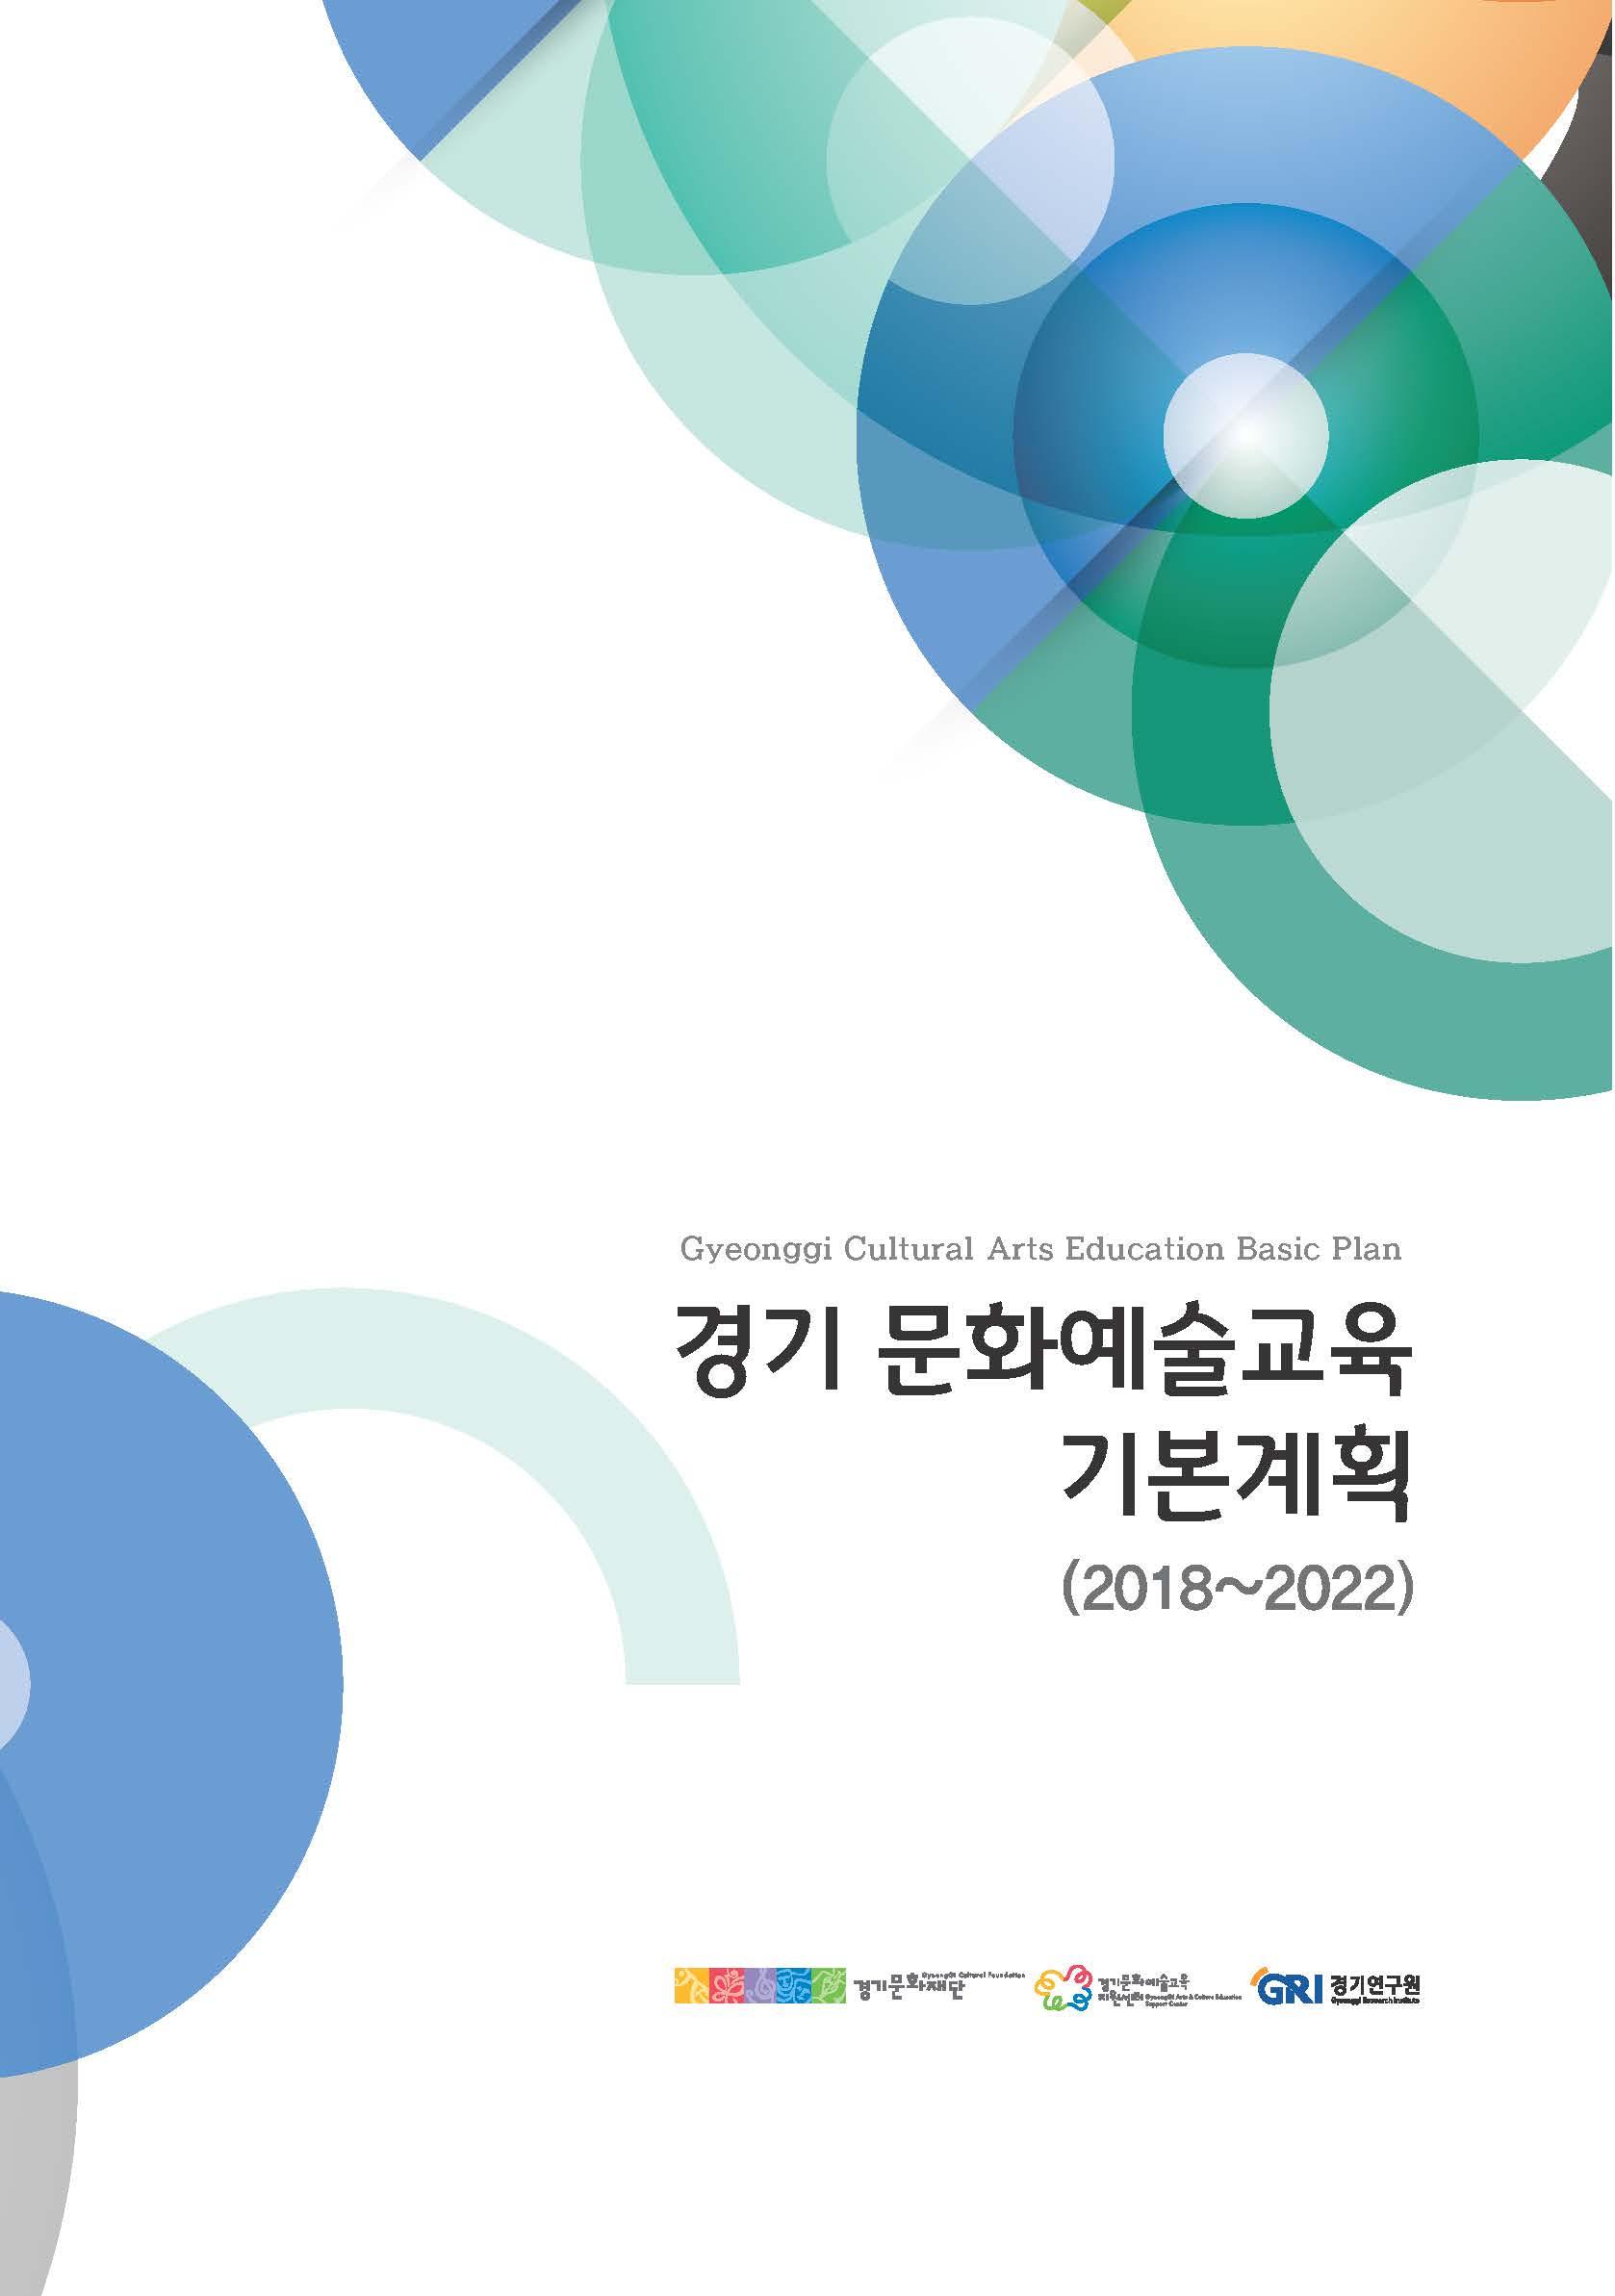 경기 문화예술교육 기본계획(2018~2022)